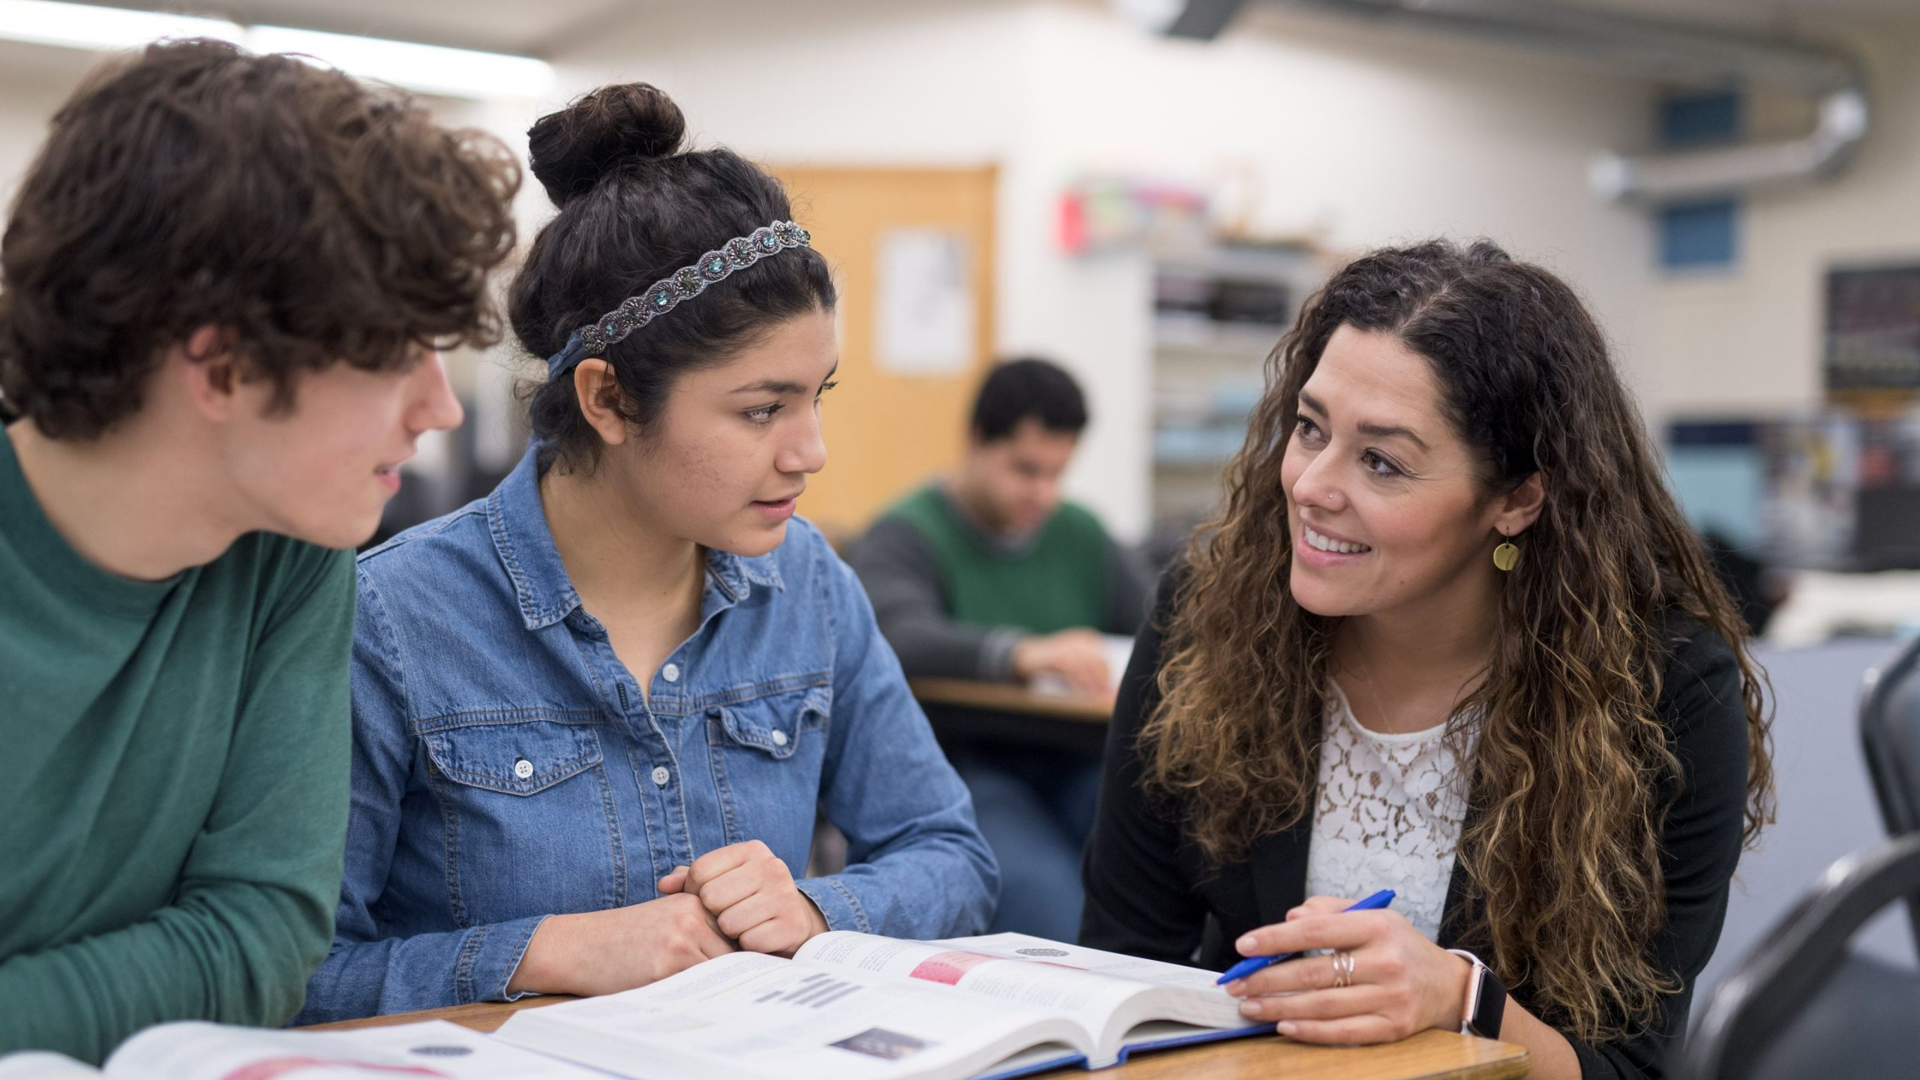 Cần chuẩn bị kỹ lưỡng cho quá trình học tiếng Anh cơ bản cho người mới bắt đầu